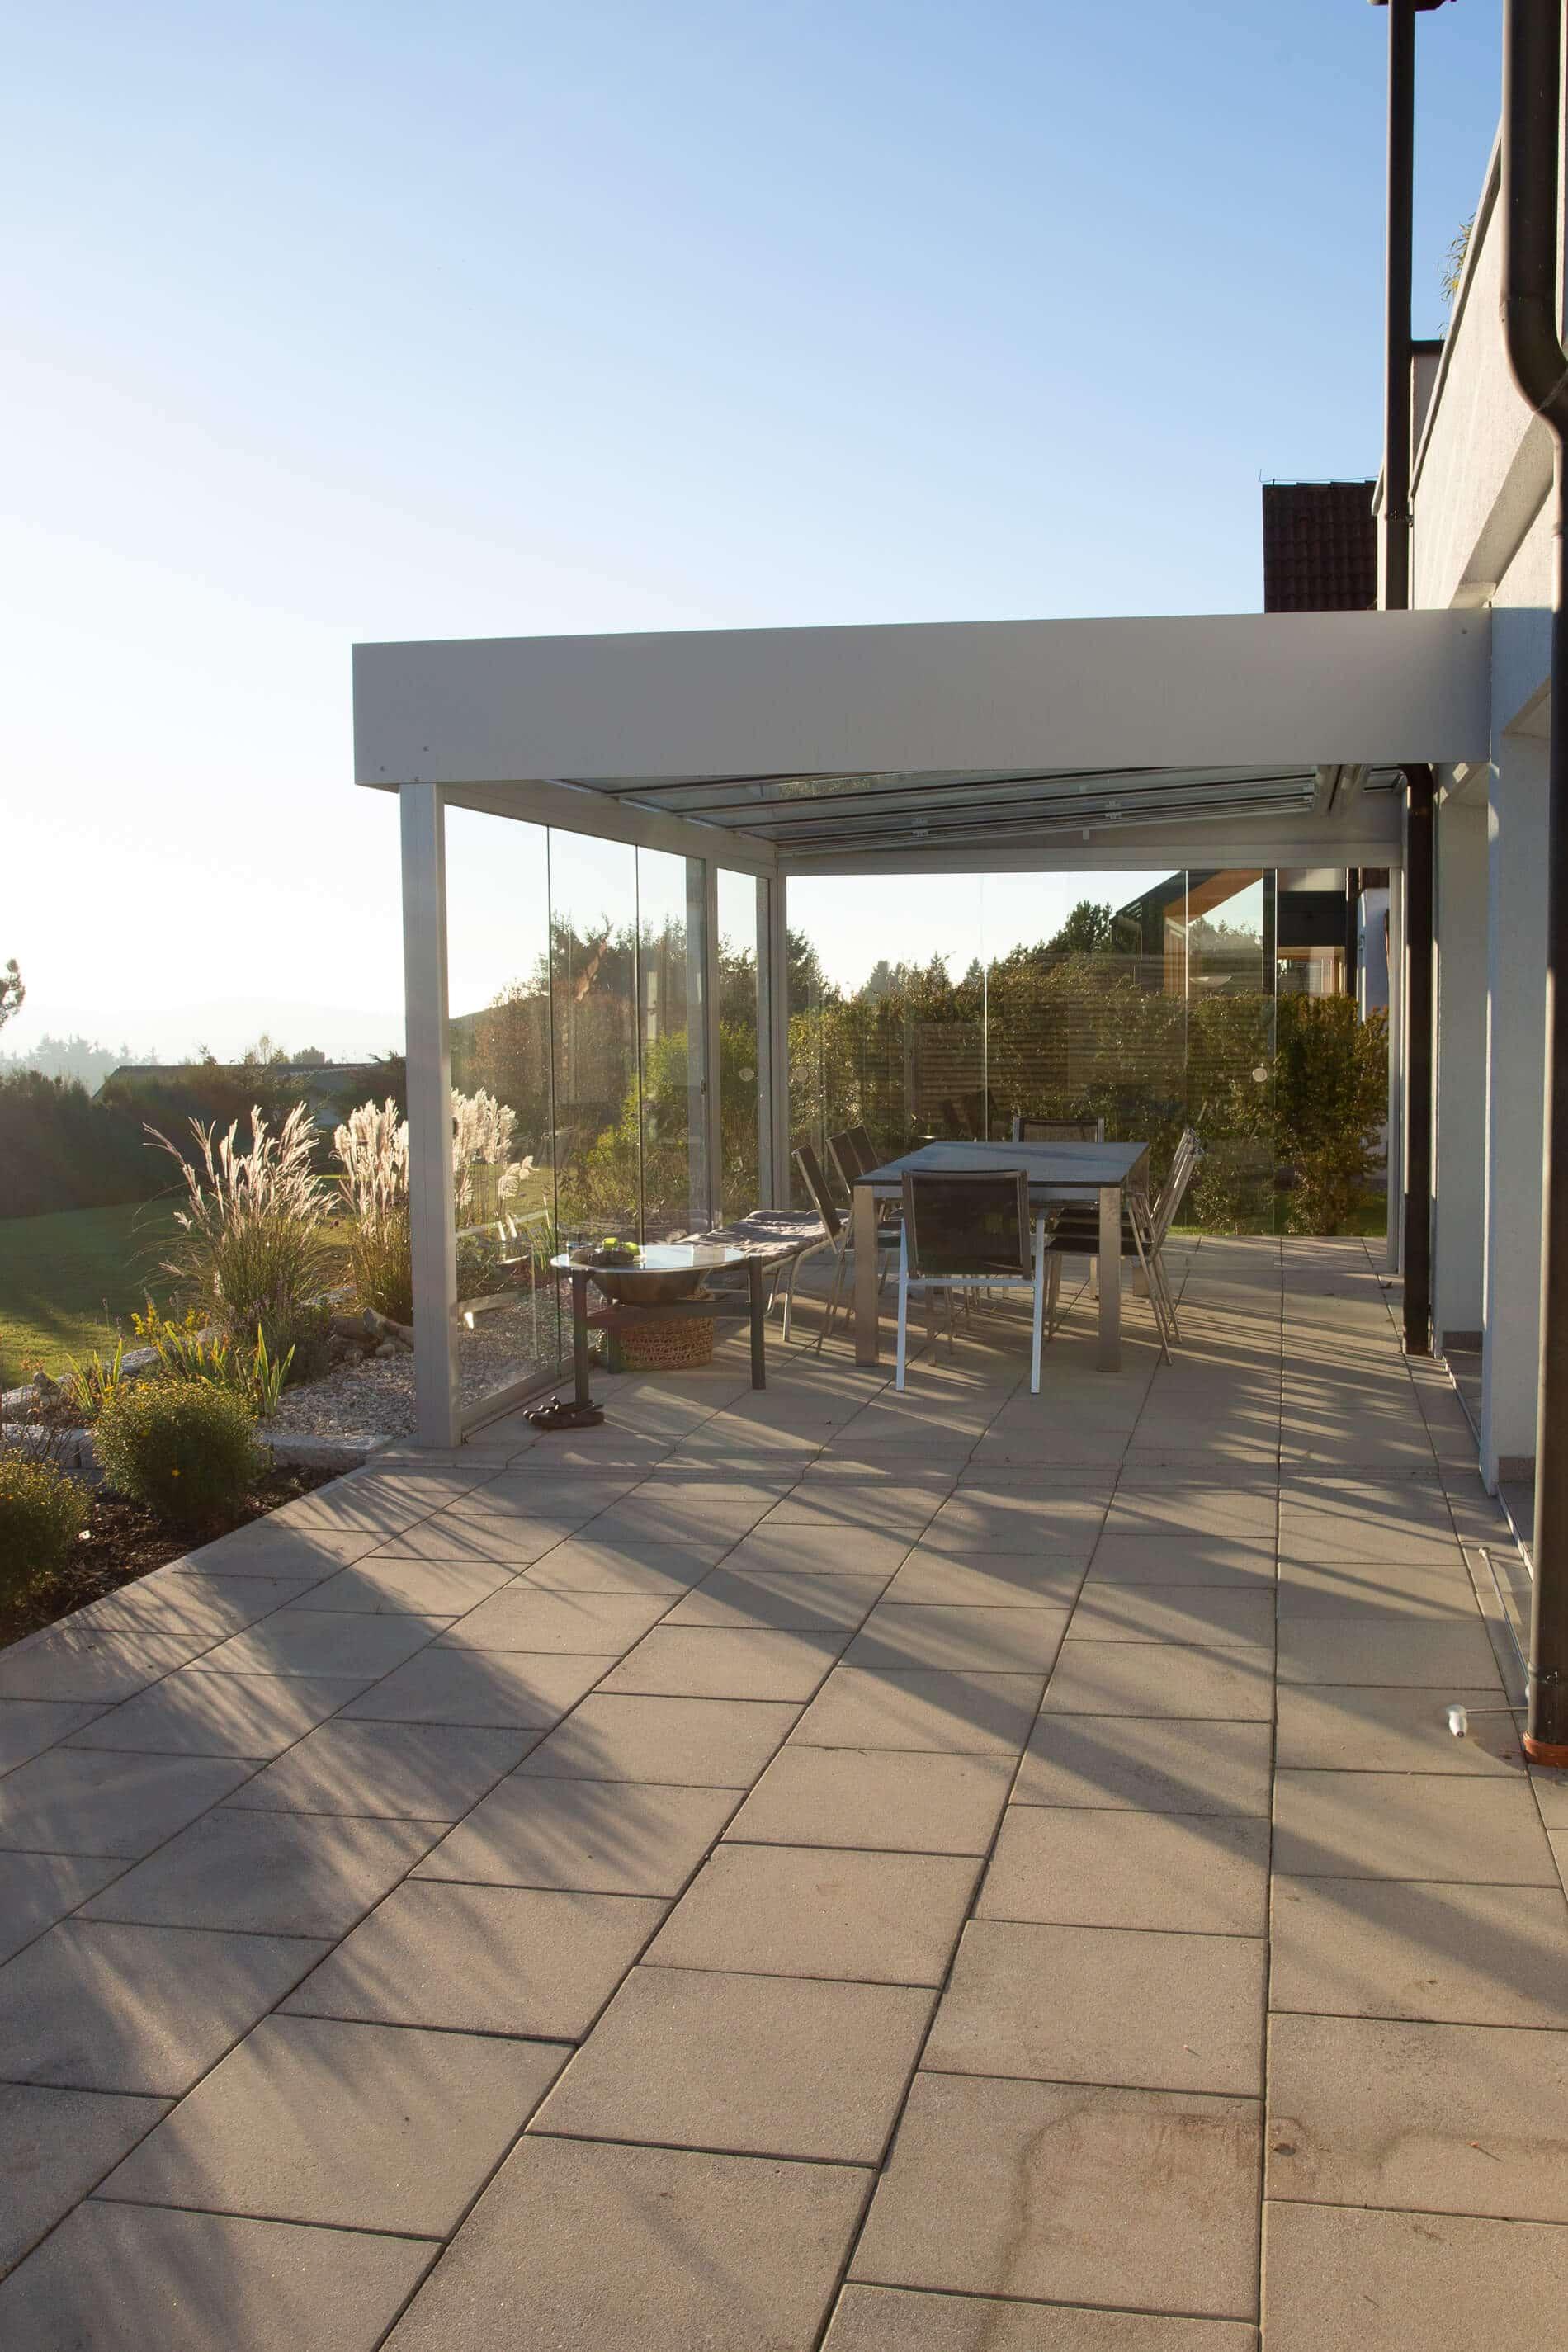 Terrassenüberdachung modern - seitlich teilweise mit Schiebewänden